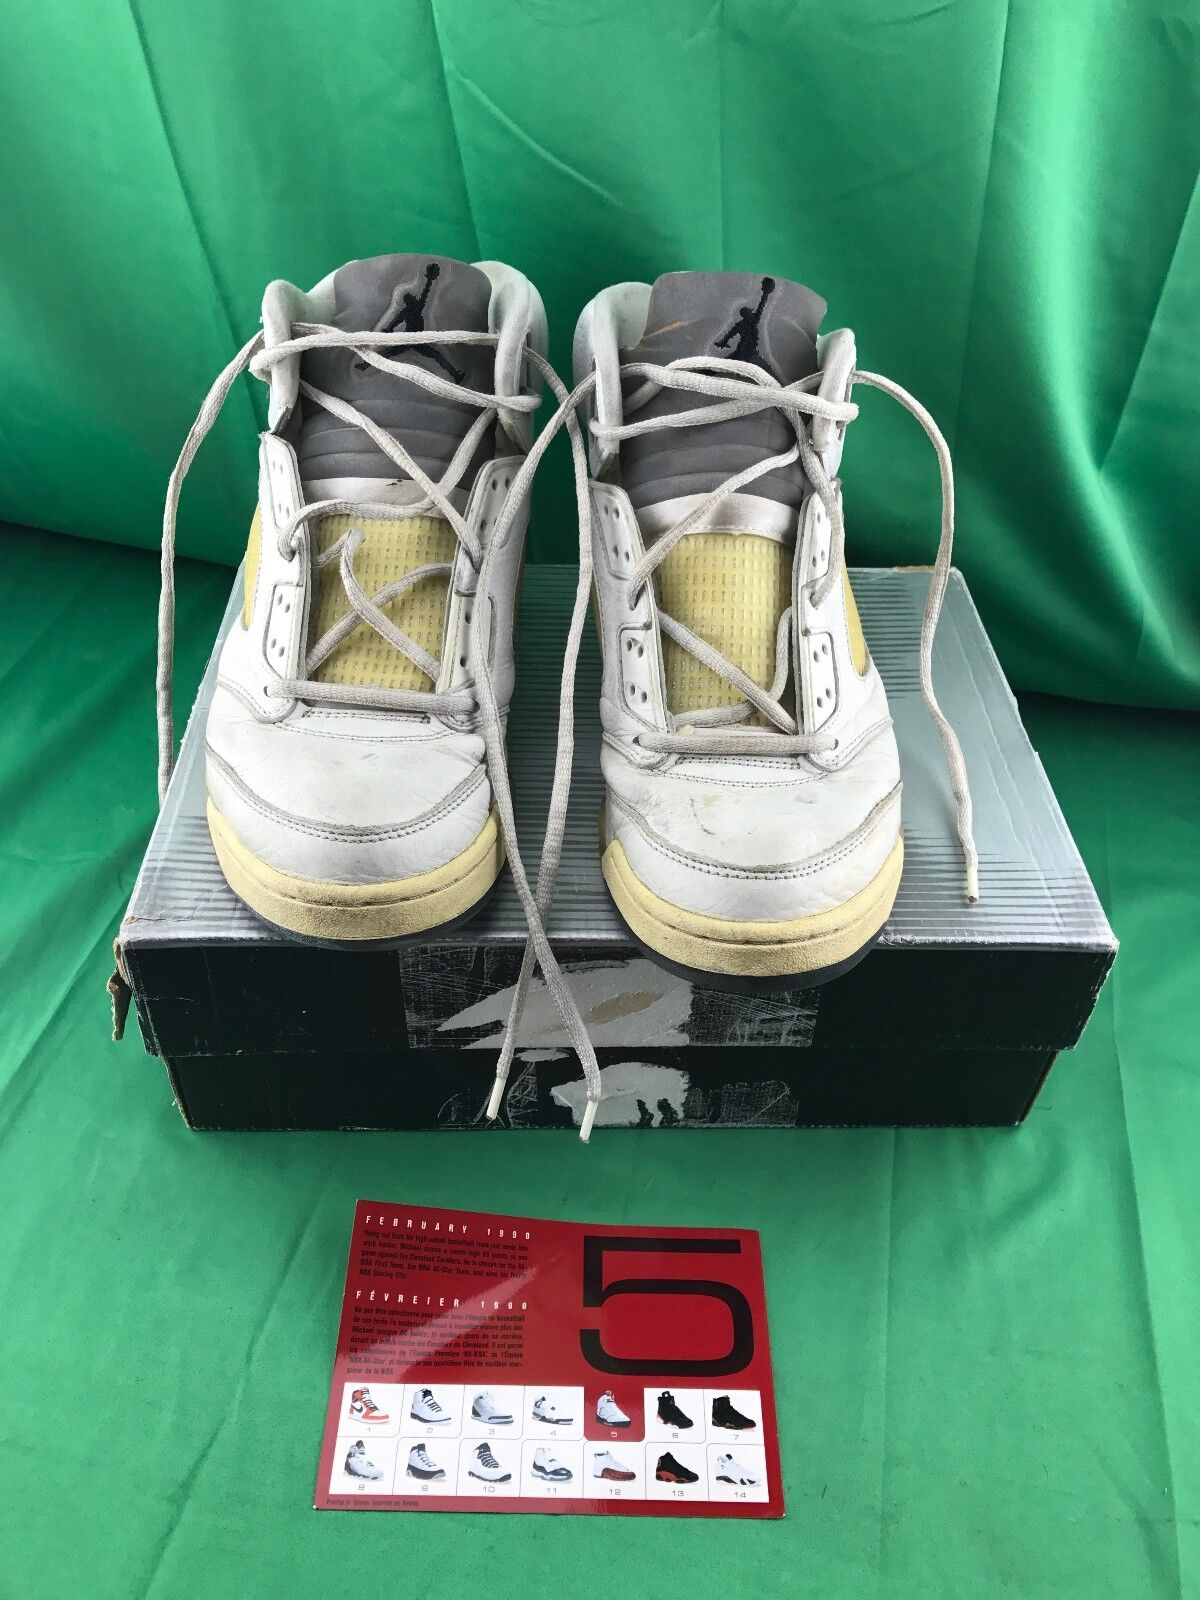 2000 Nike Air Jordan 5 V Retro OG SZ 10.5 White Metallic Silver 136045-101 DS